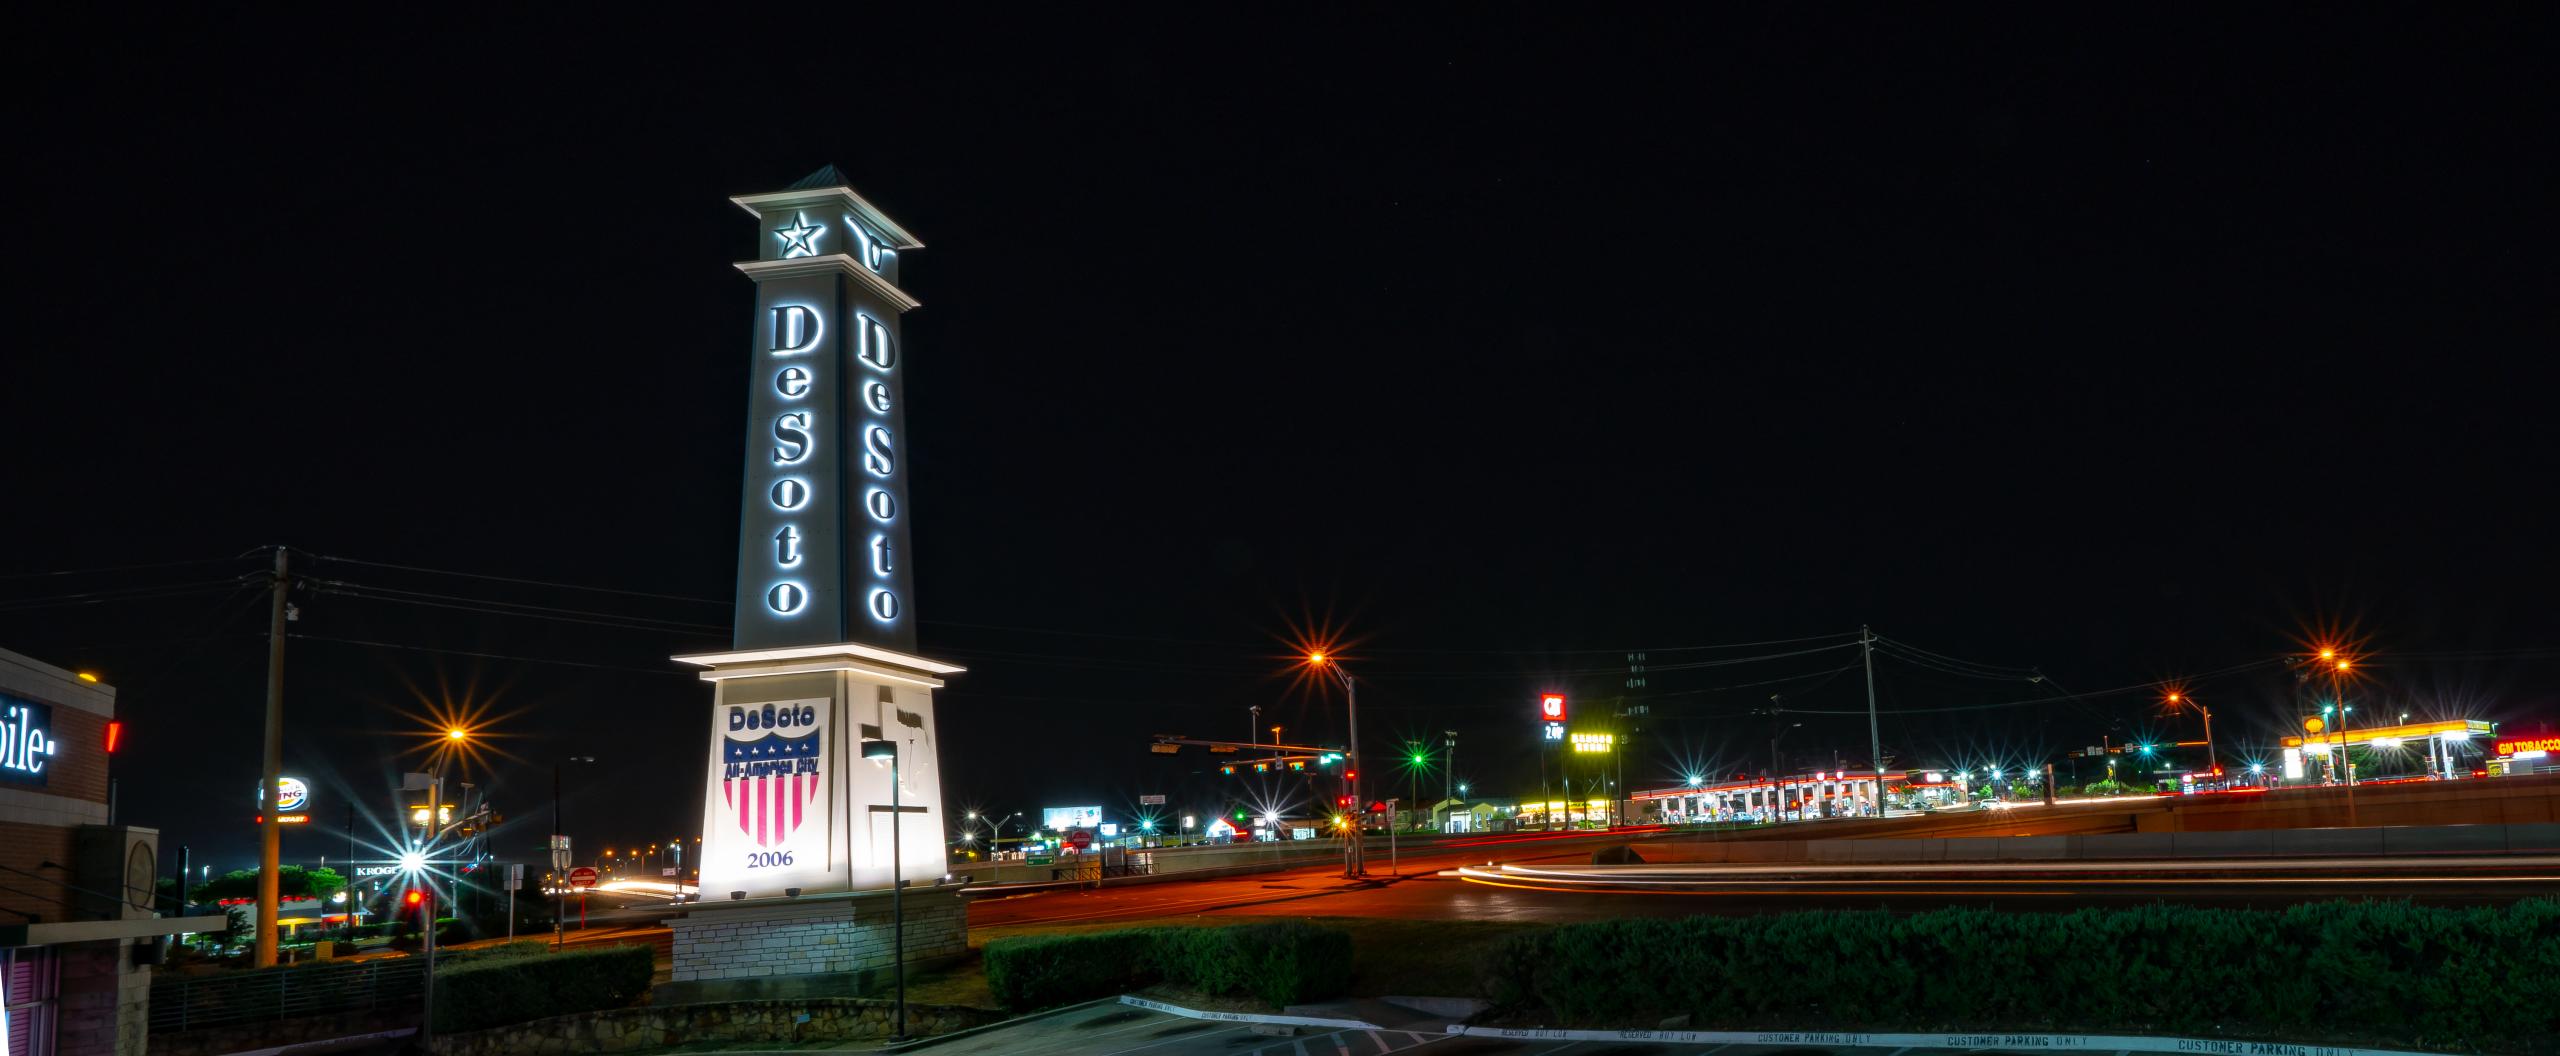 Desoto - All American City